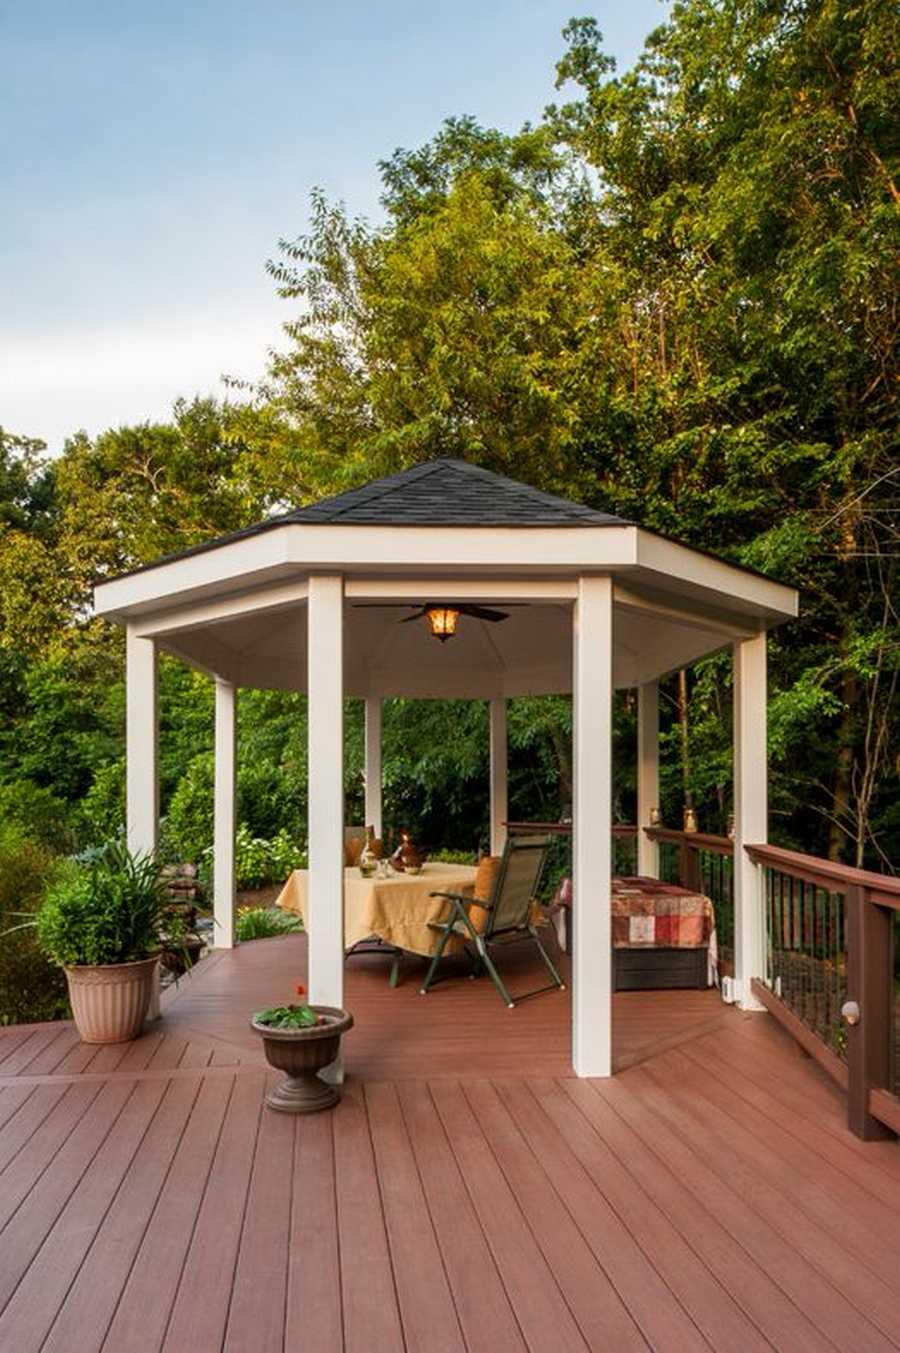 Charming design ideas for gazebo decks pergola gazebos for Decks and gazebos